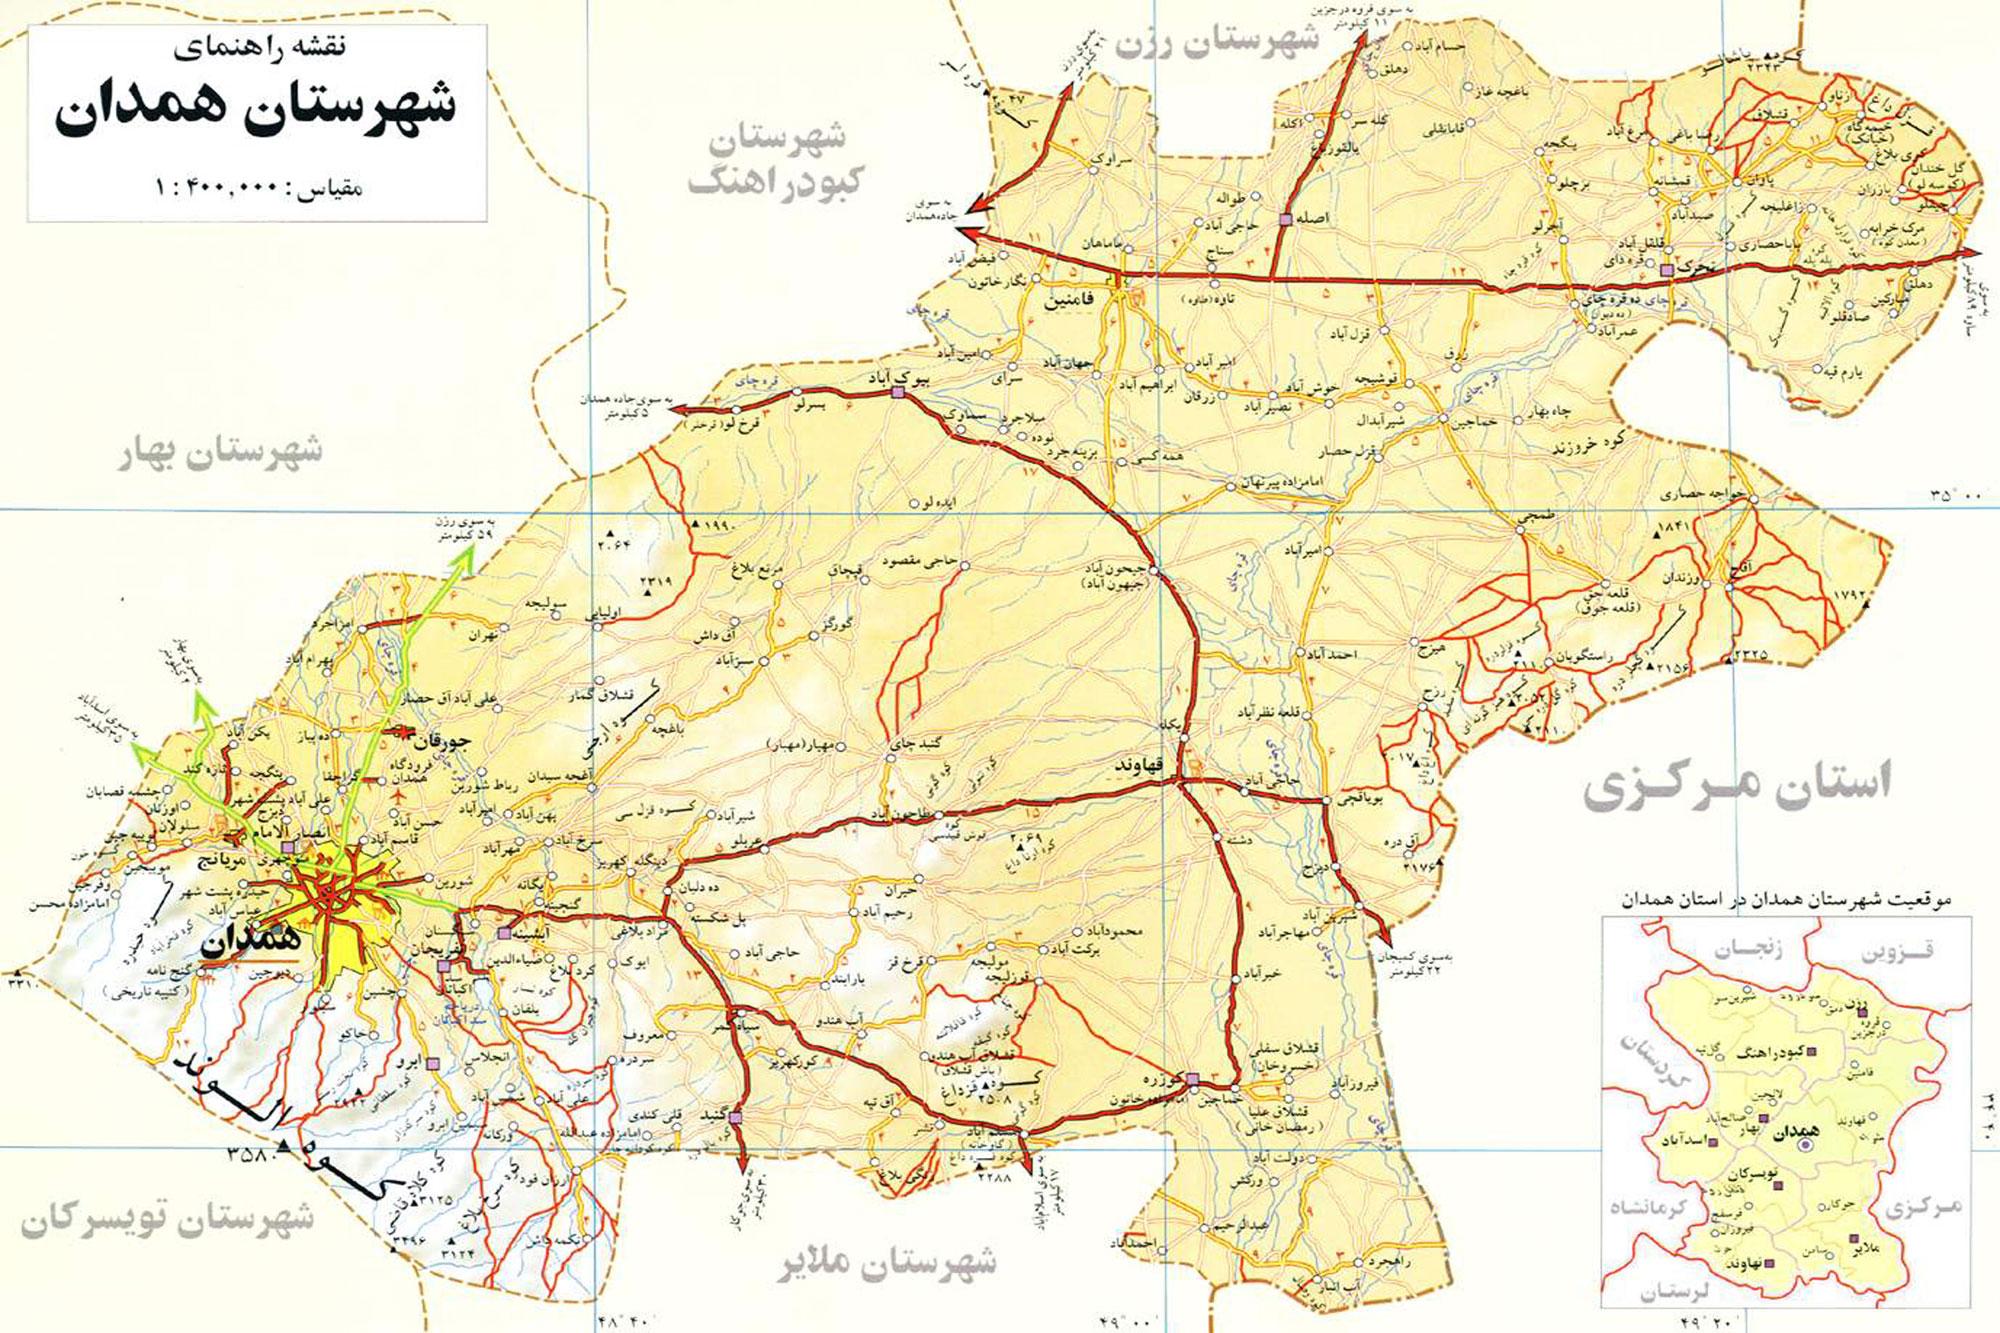 تحلیل و بررسی اقلیم استان همدان